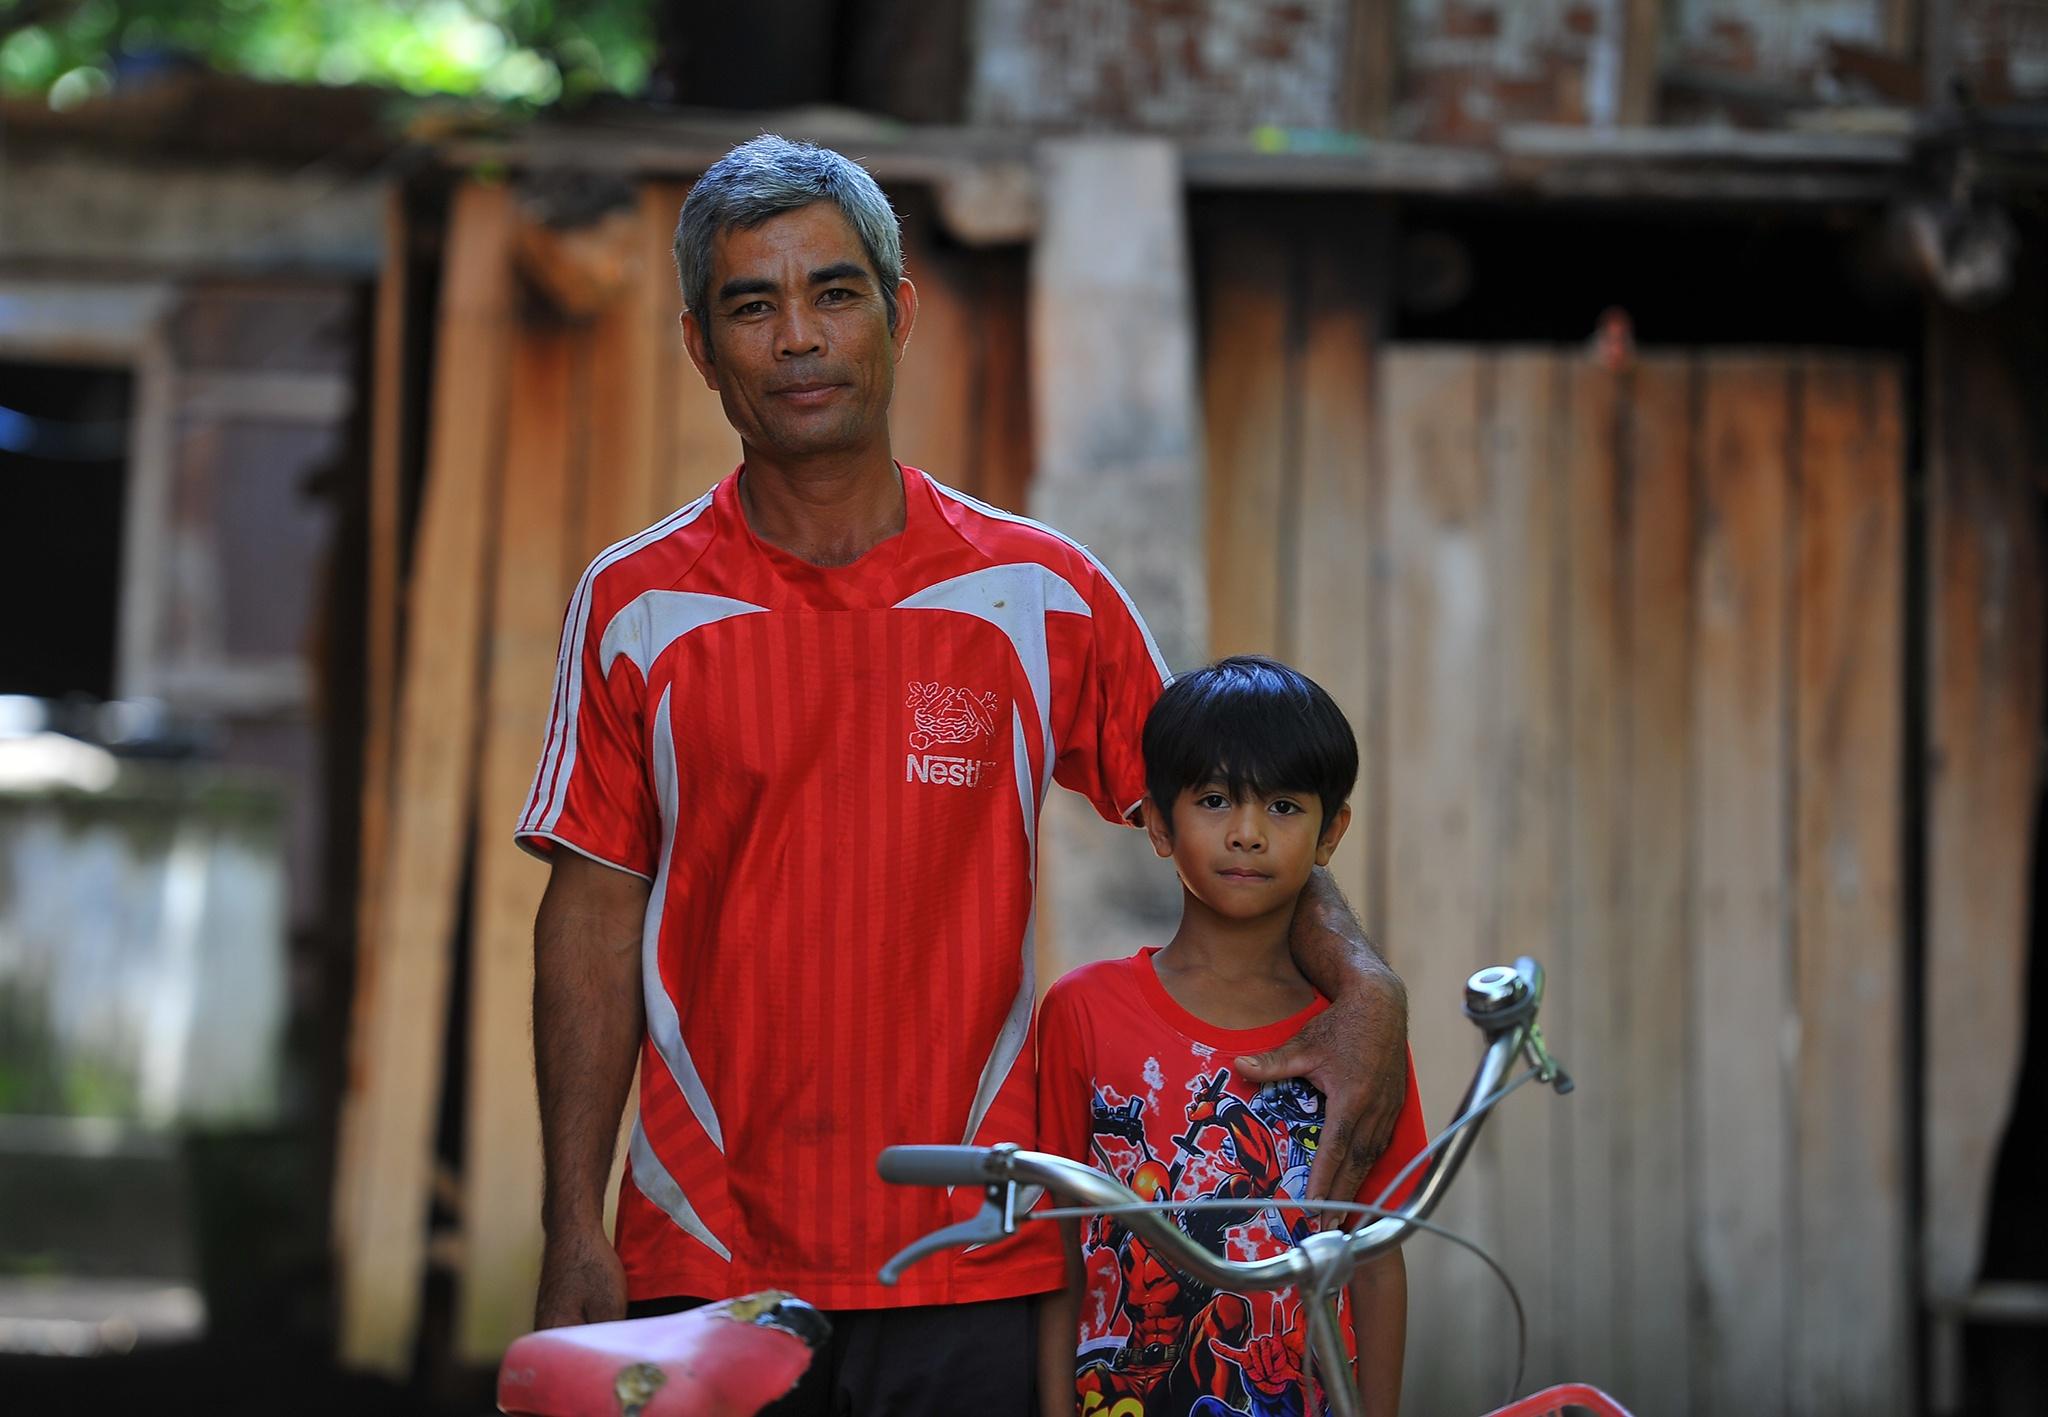 Benh bach hau lan rong o Tay Nguyen anh 11